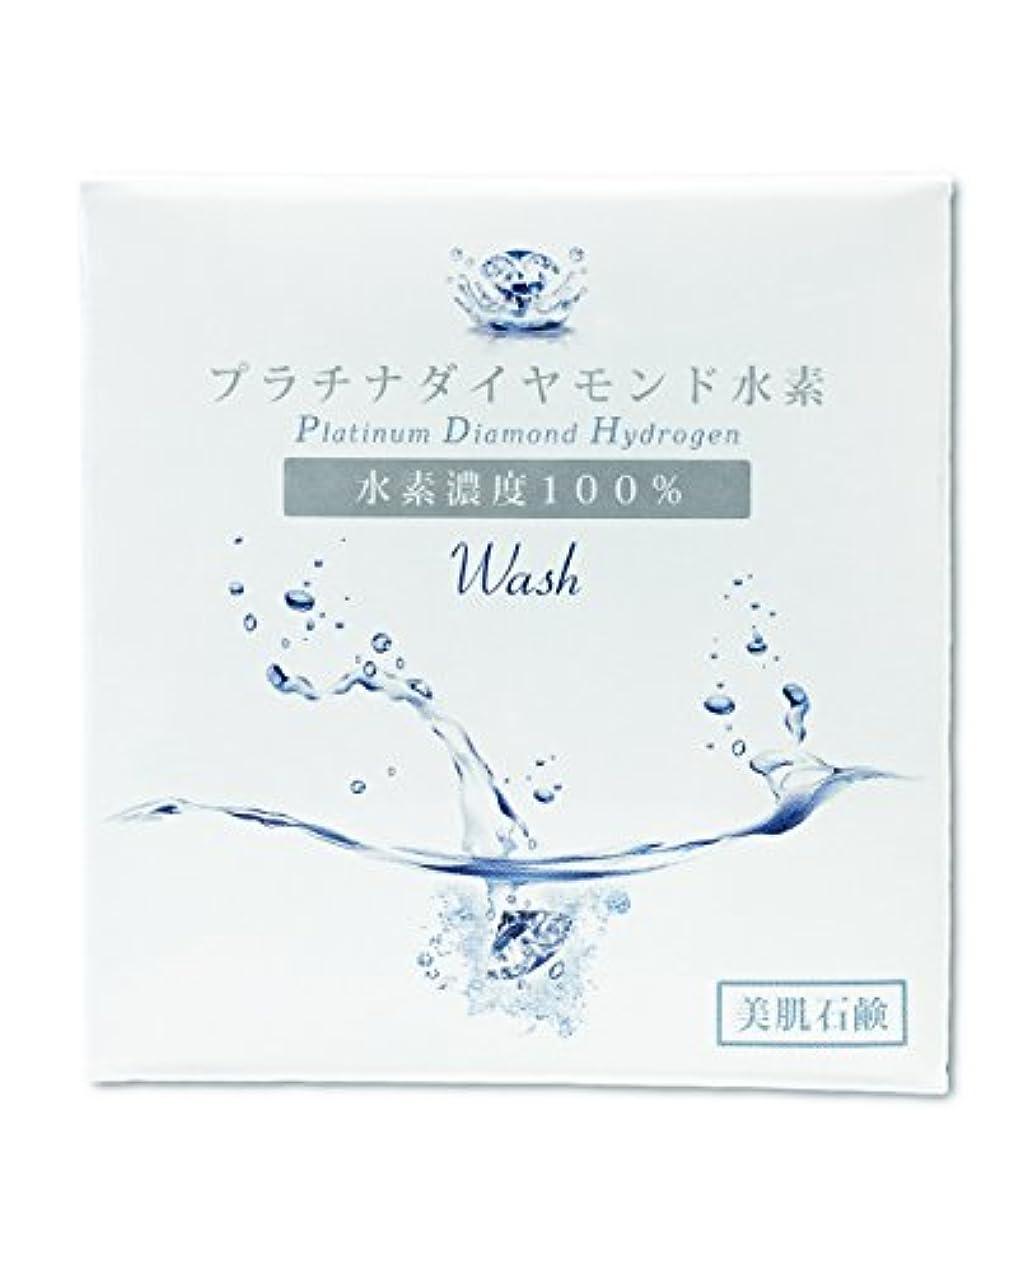 ラウンジ商品分割水素石鹸 プラチナダイヤモンド水素Wash